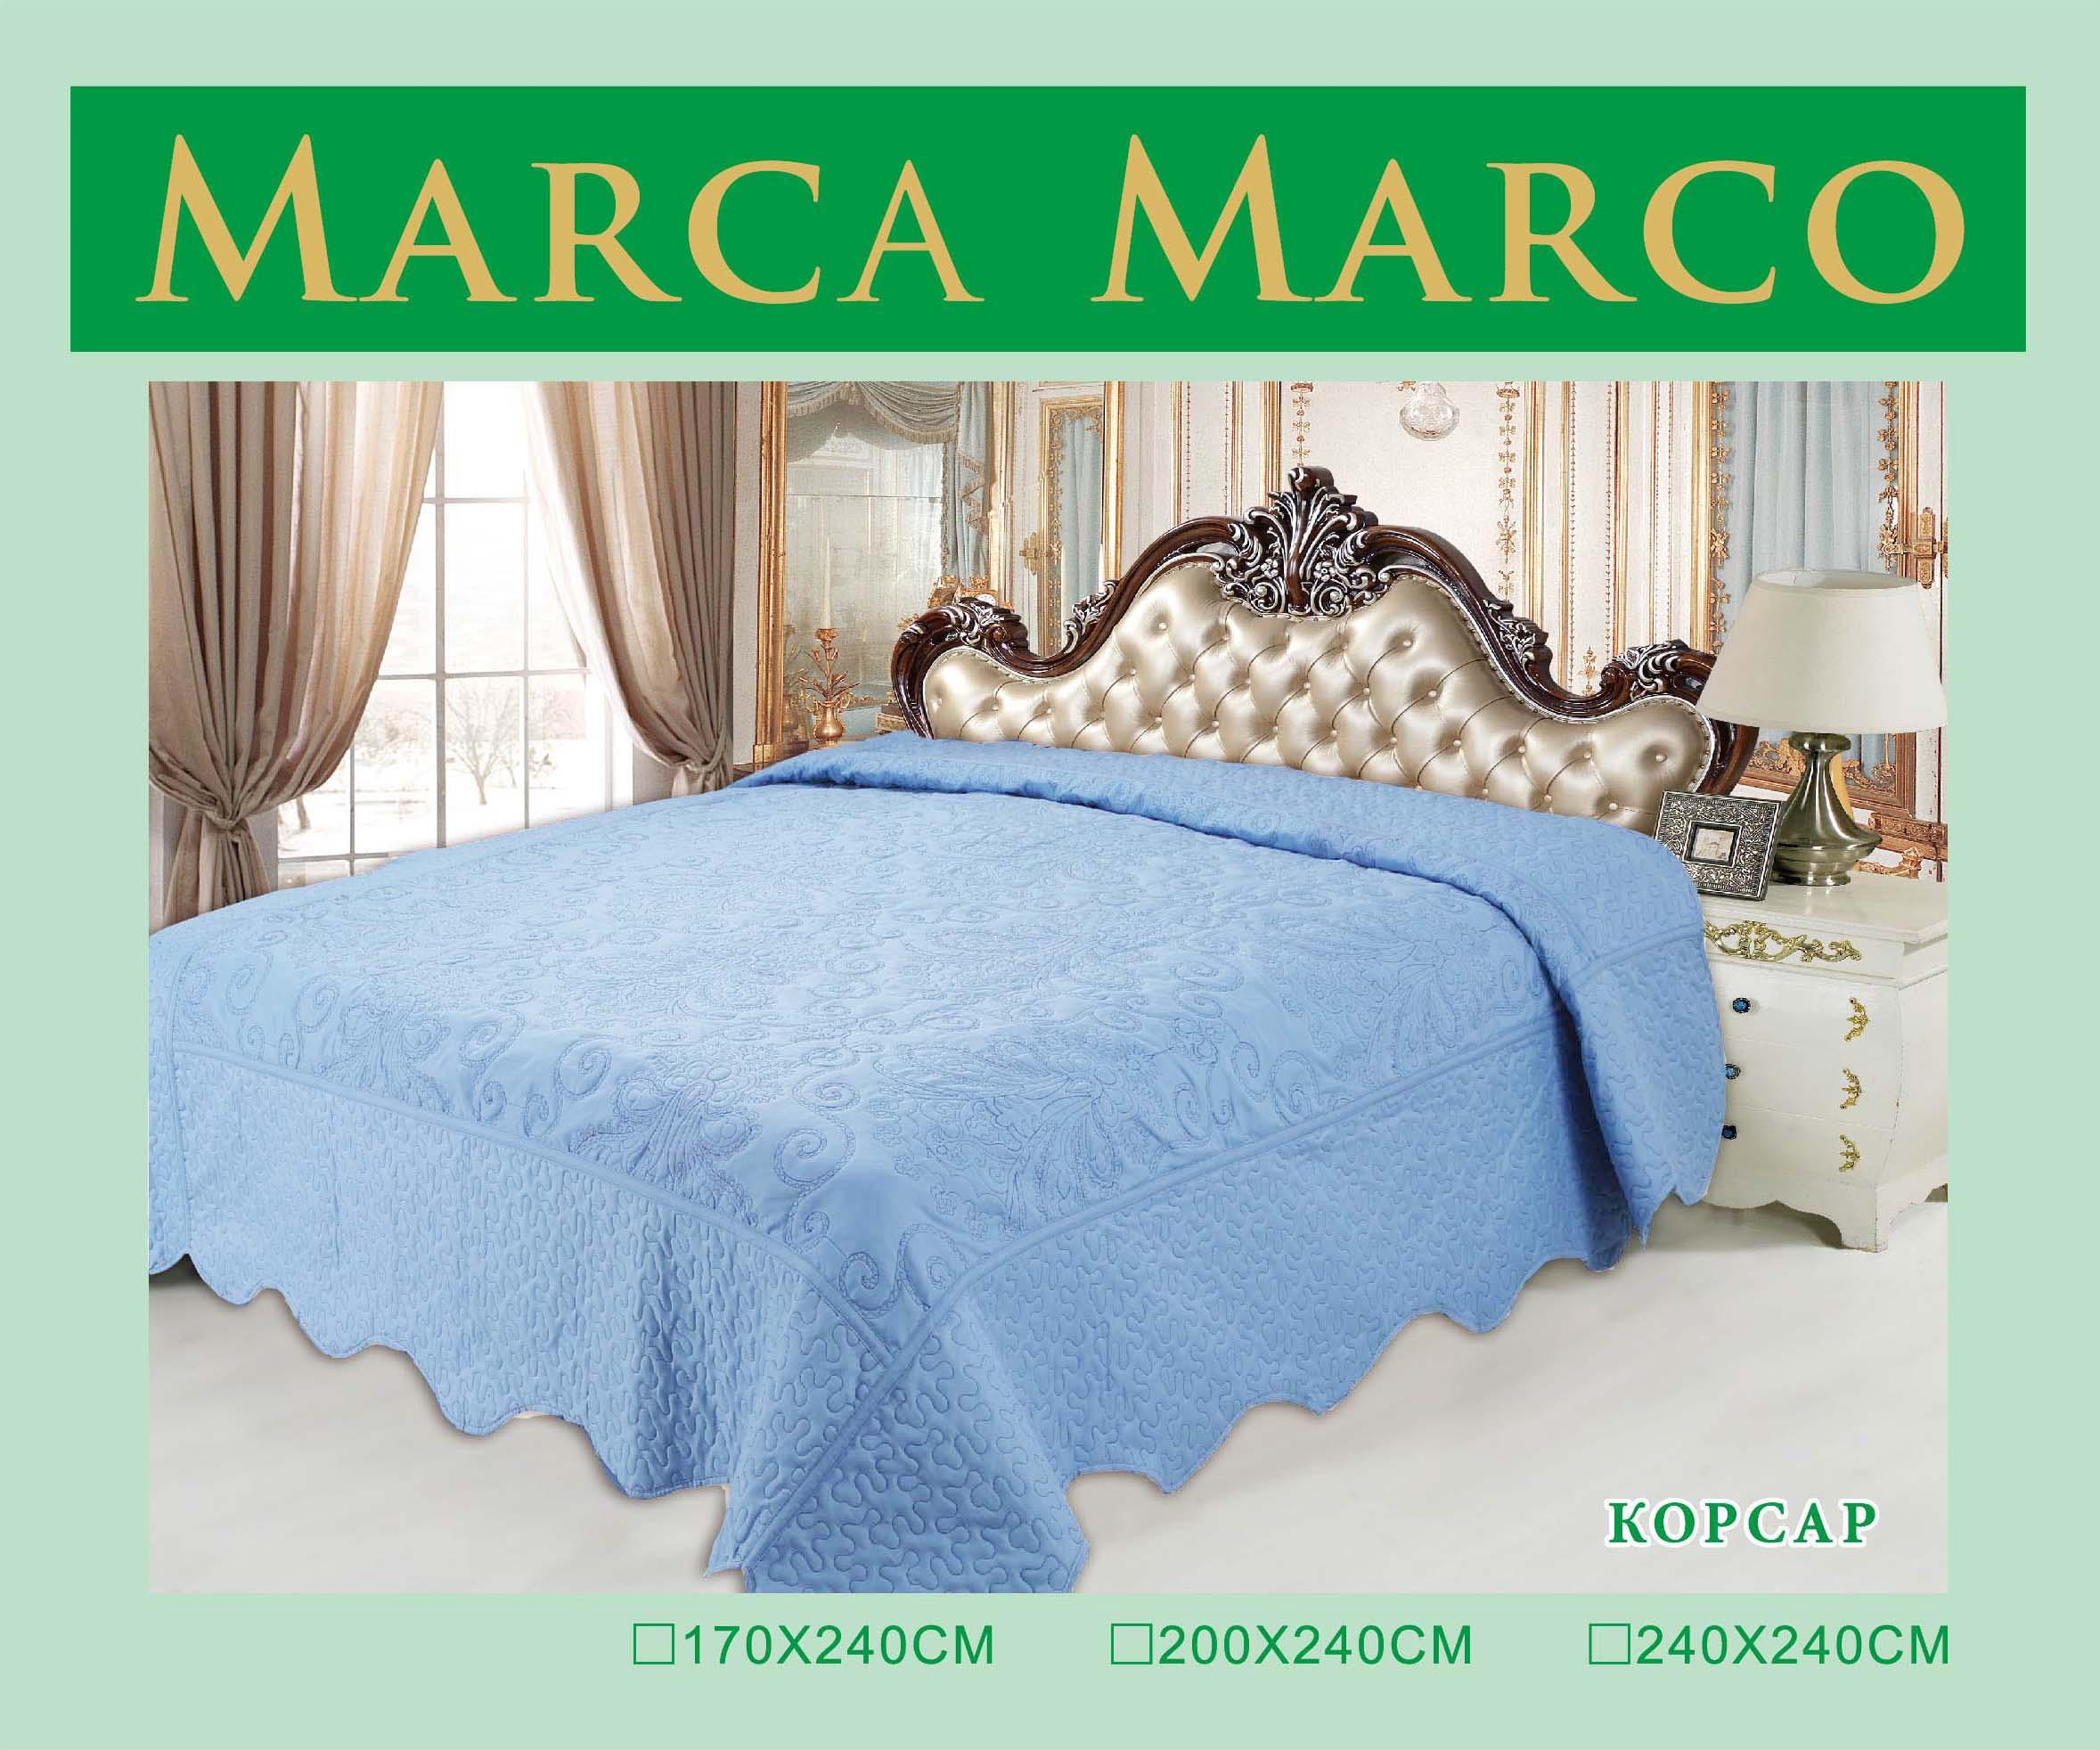 Покрывало MАRCA MARCO Покрывало Корсар (170х240 см) dorothy s нome покрывало принт мурманск 2 сп 170х240 микрофибра стежка